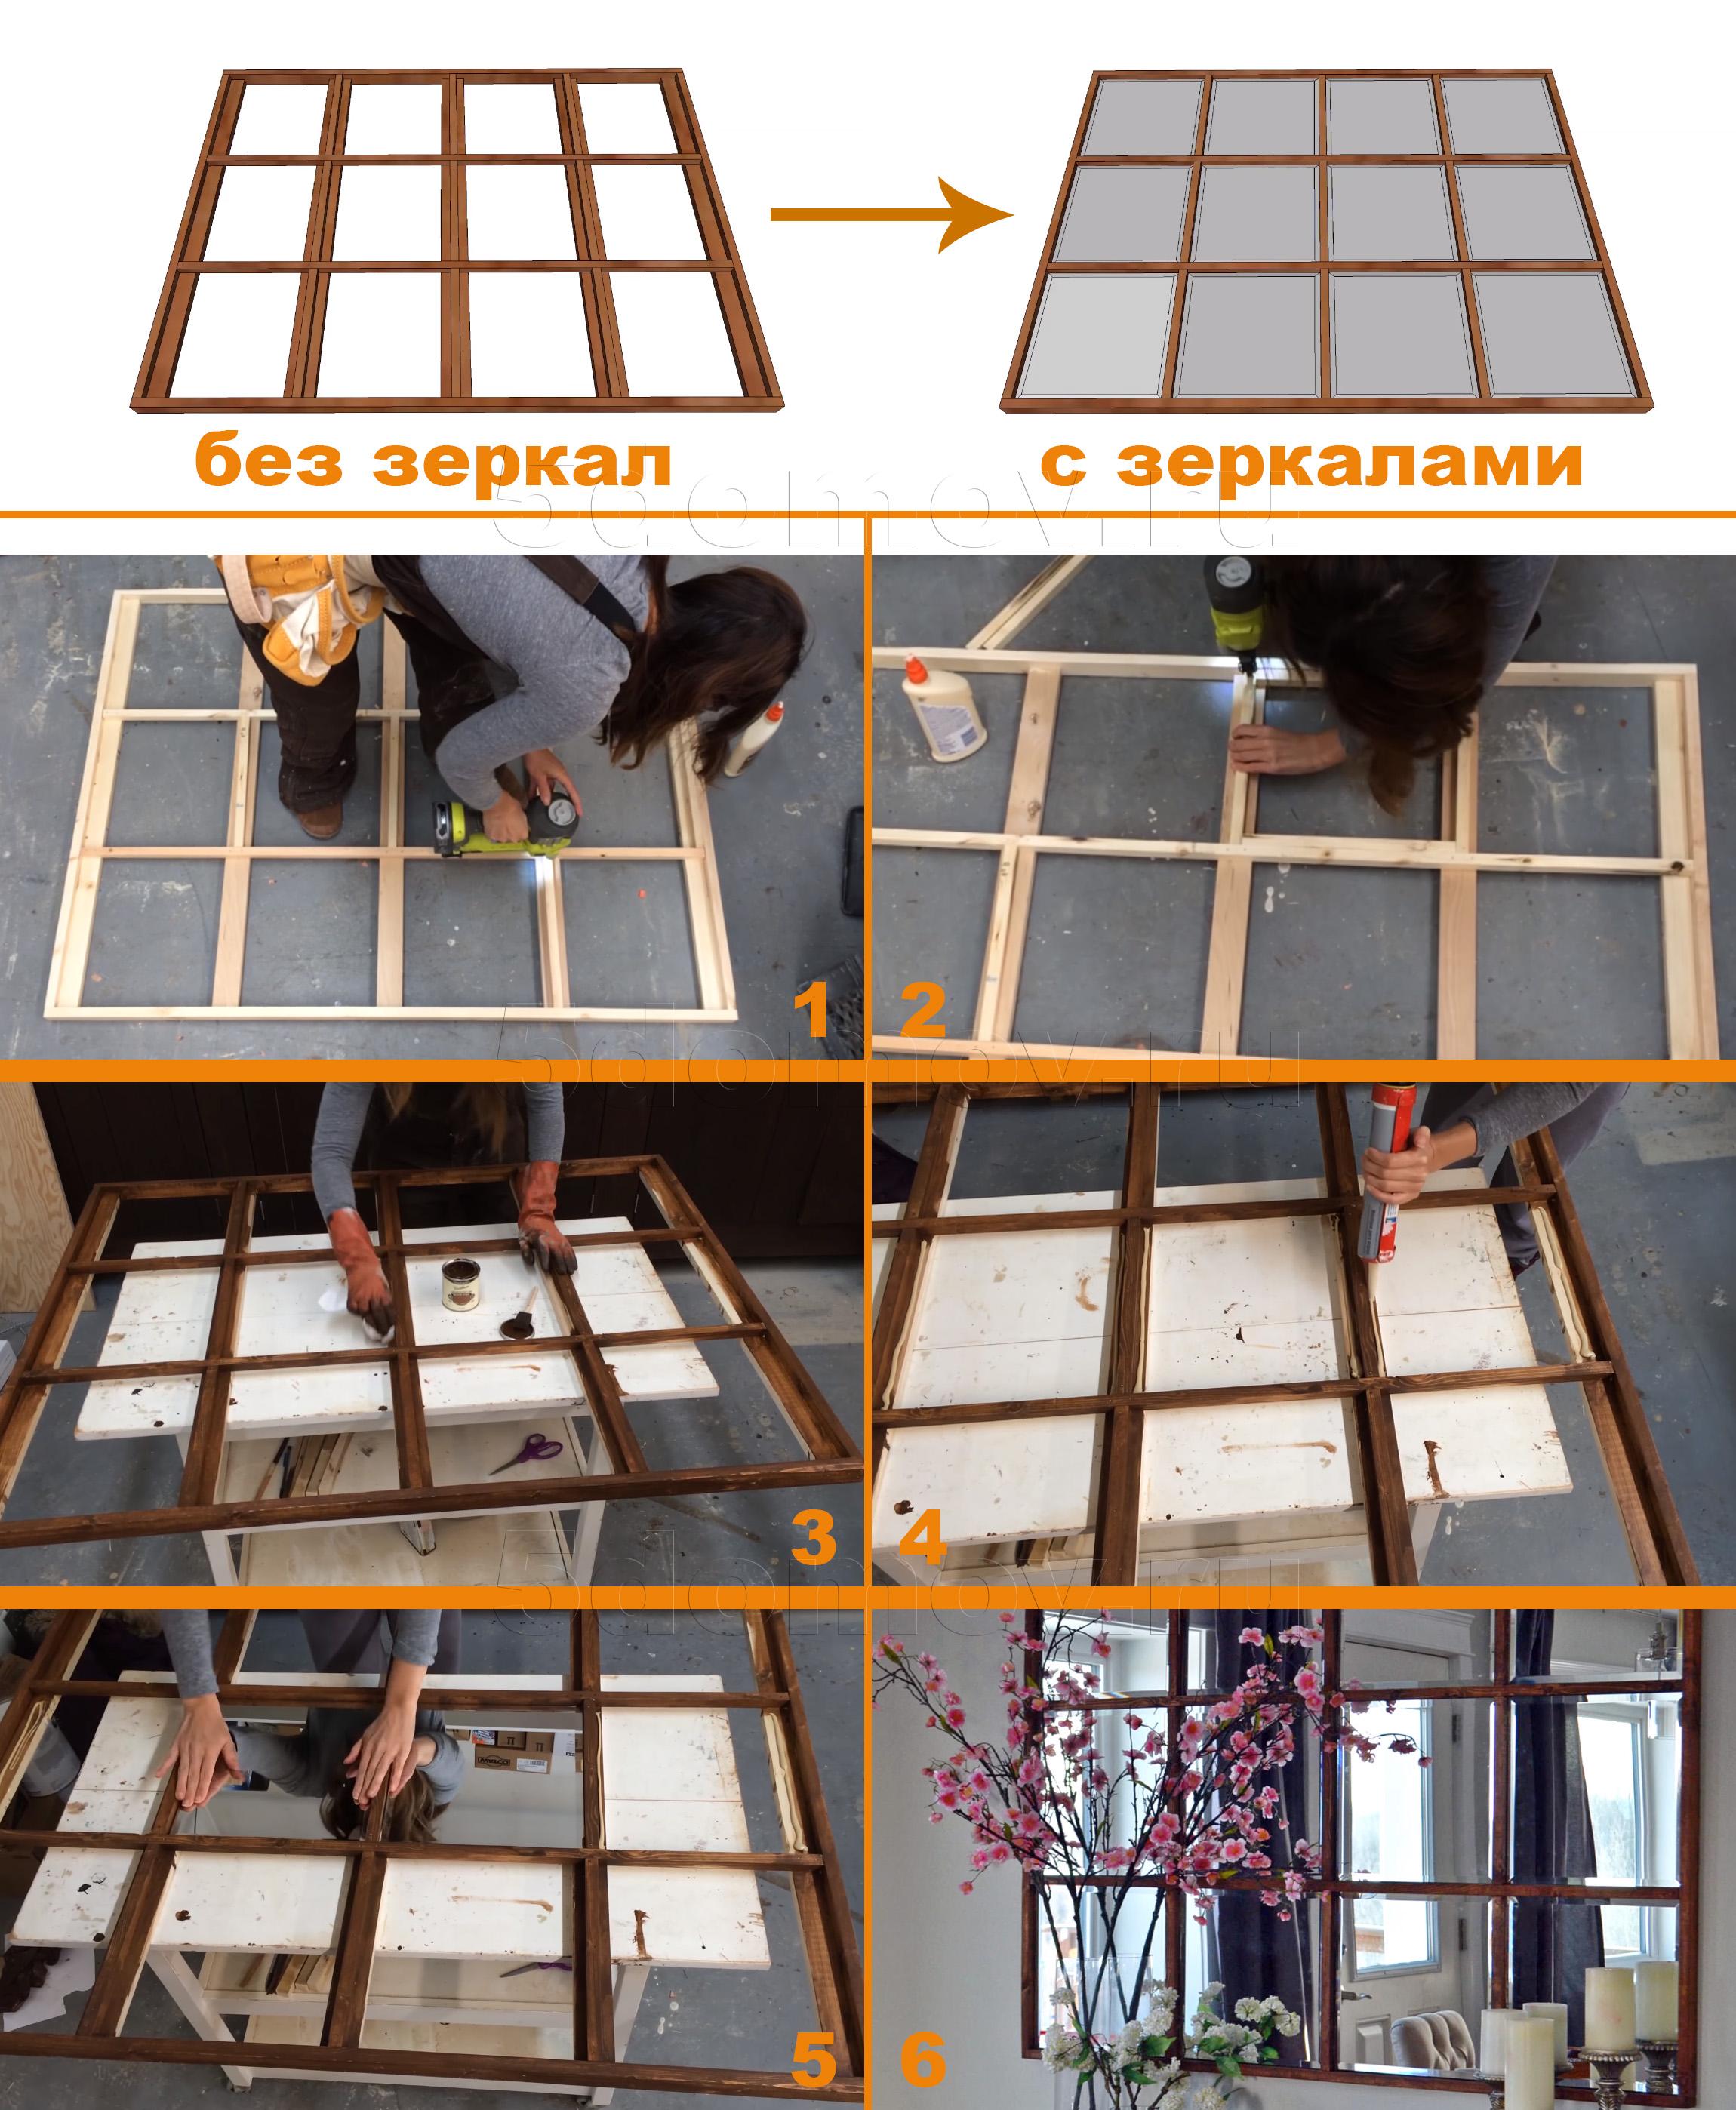 Фальш-окно из зеркала своими руками | Как сделать фальш-окно своими руками